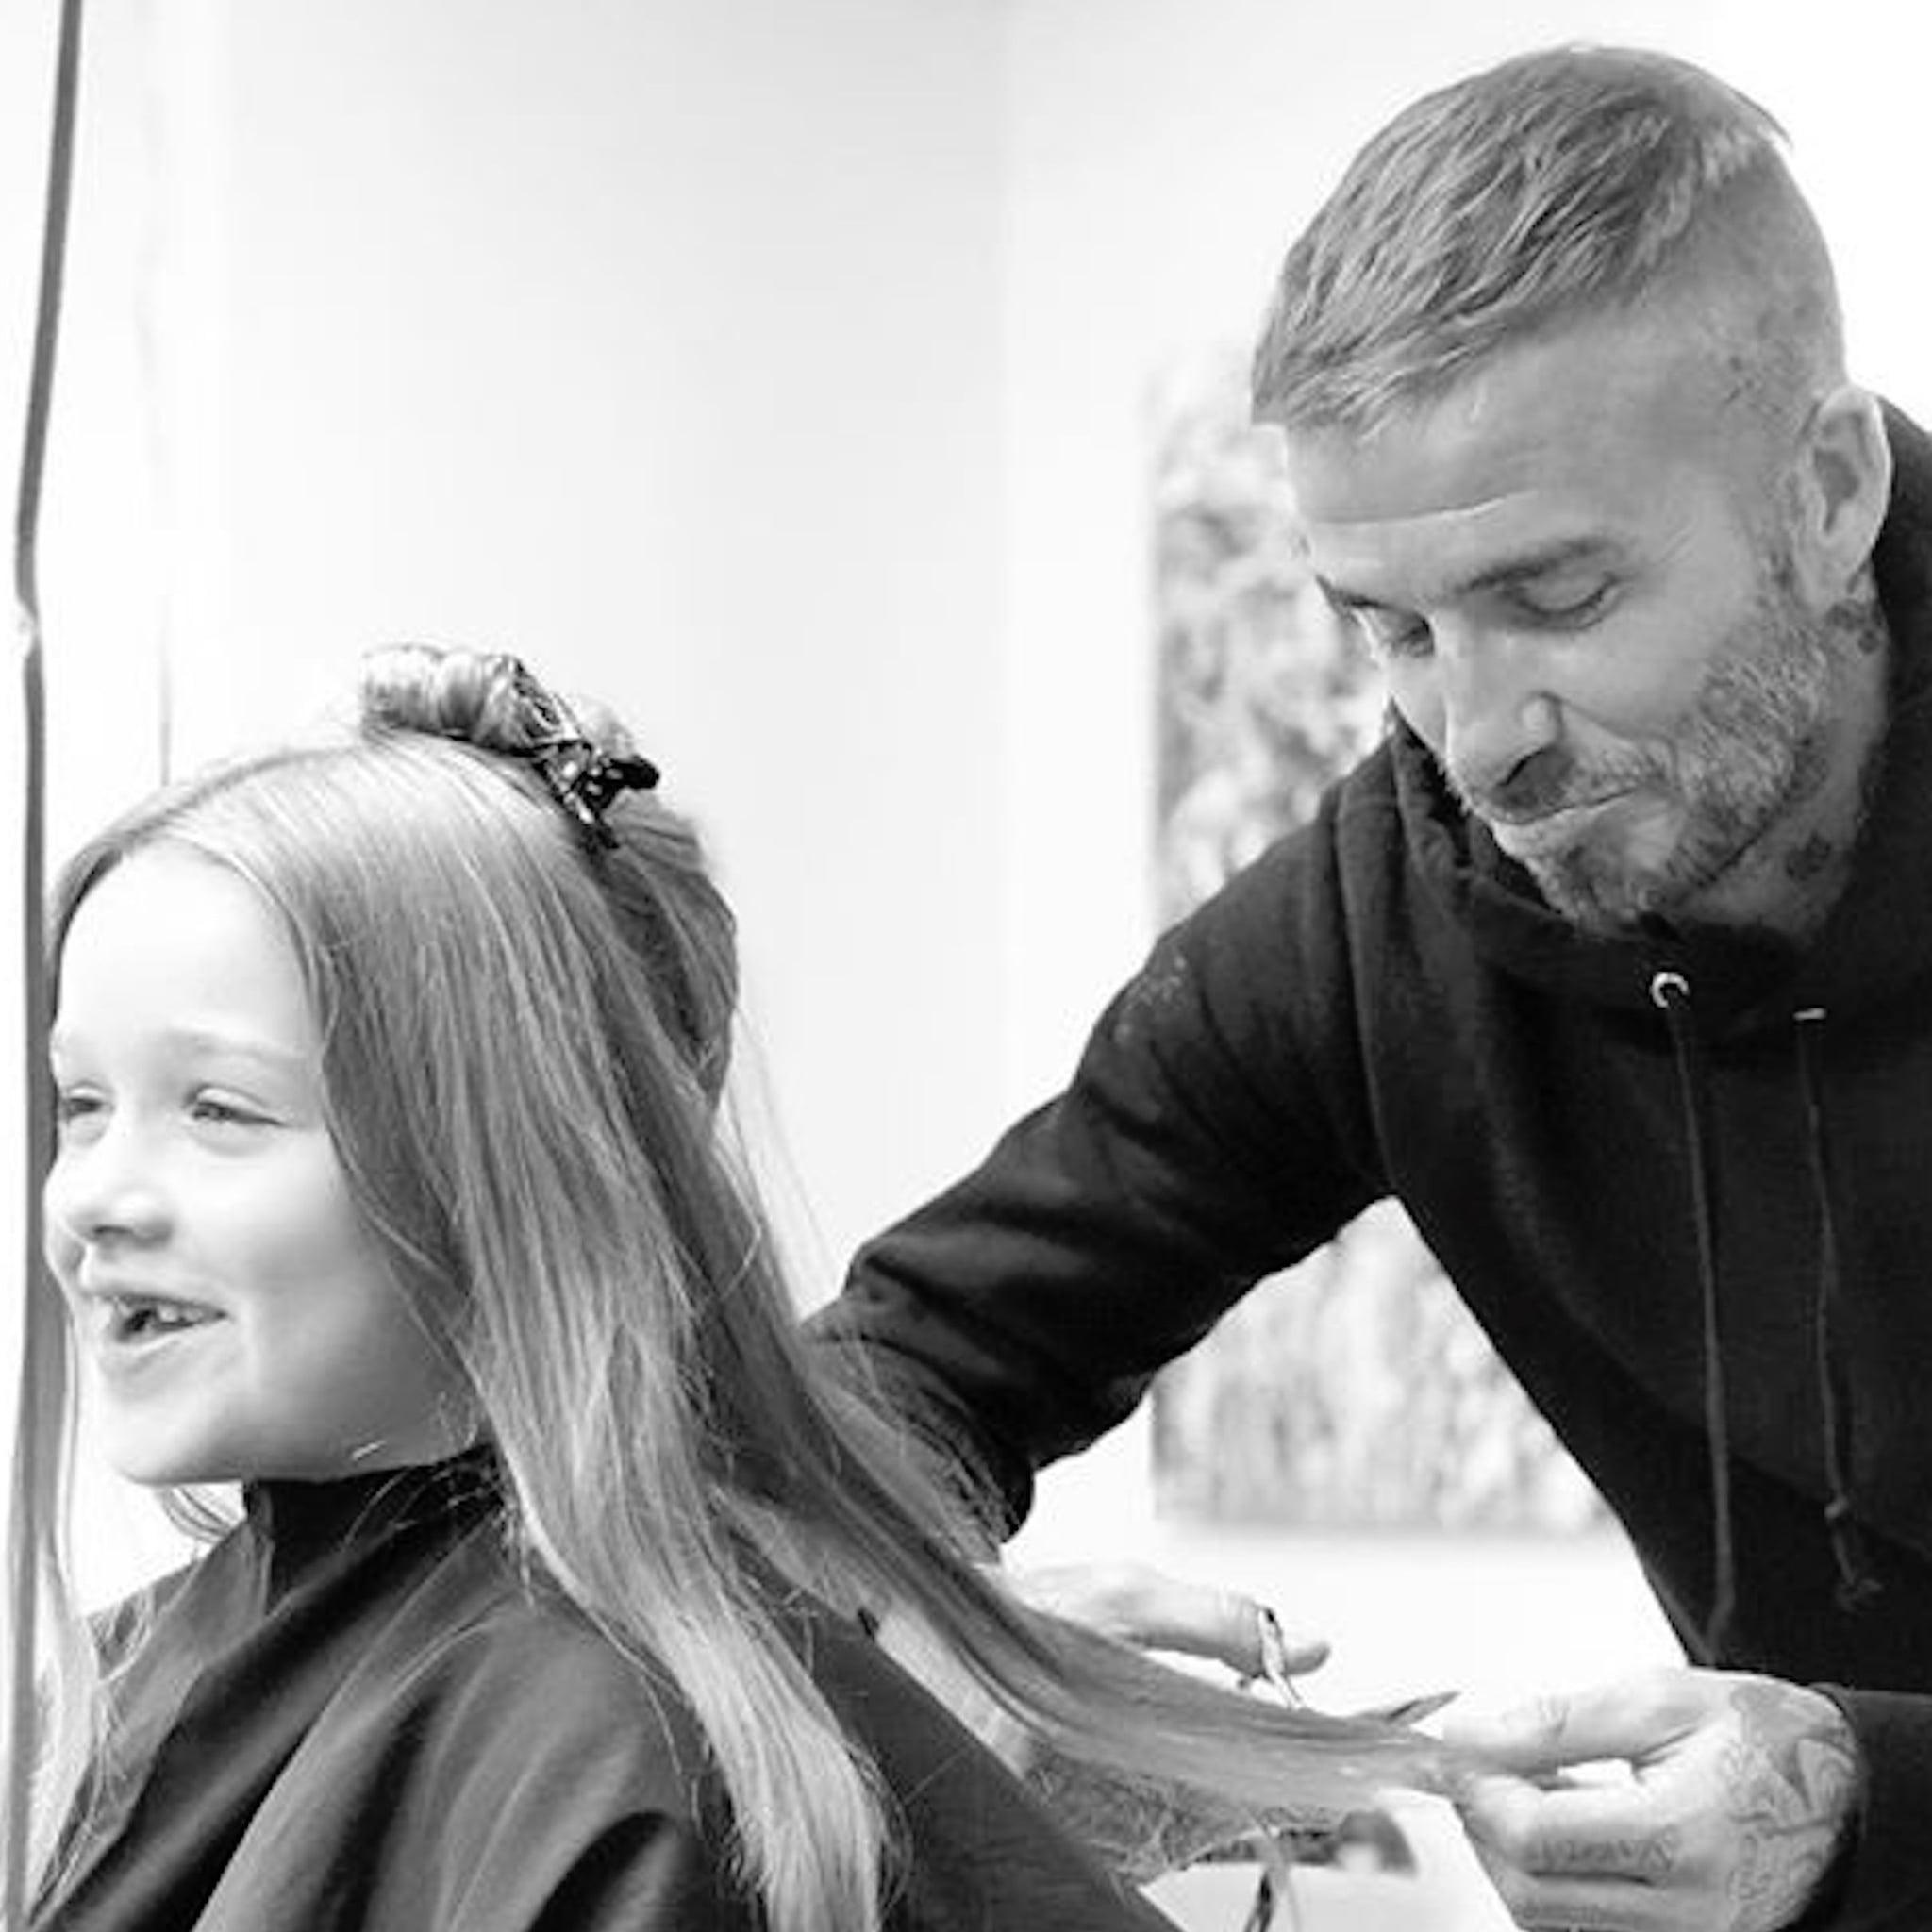 David Beckham Cutting Harpers Hair Instagram Photo 2018 Popsugar